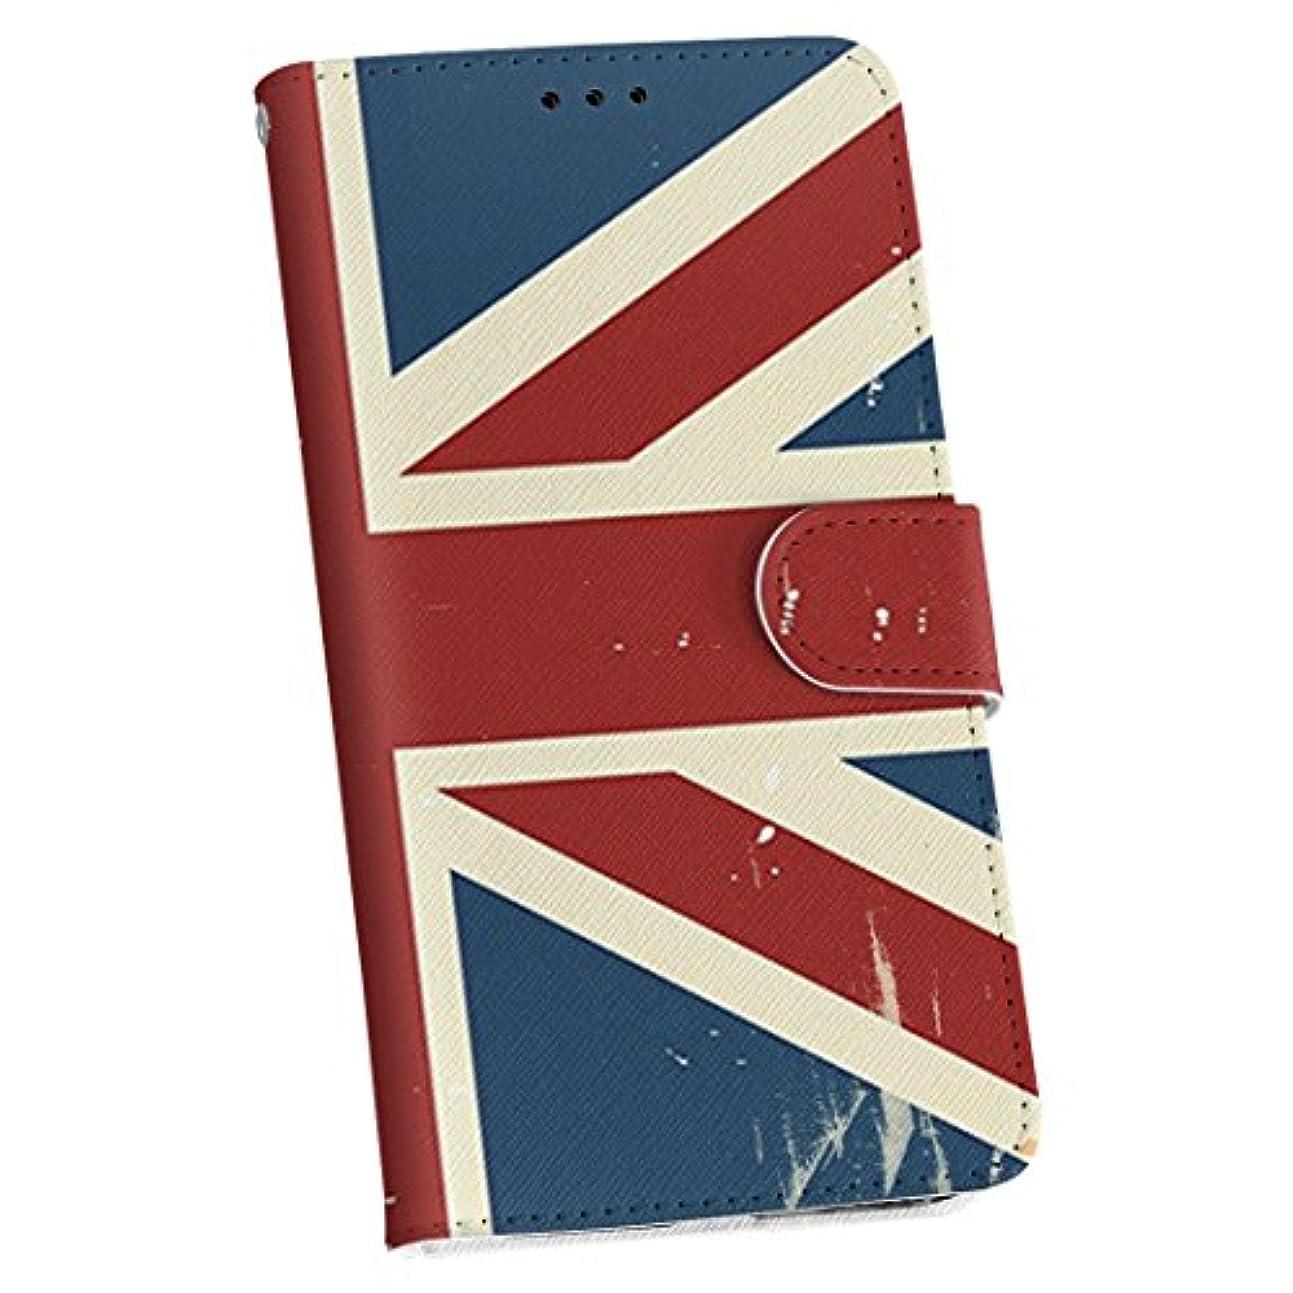 警告検索エンジンマーケティング侵略igcase L-01L 専用ケース カバー LG style2 対応手帳 スマコレ l01l 手帳型 レザー 手帳タイプ 革 スマホケース スマホカバー 011607 イギリス 外国 国旗